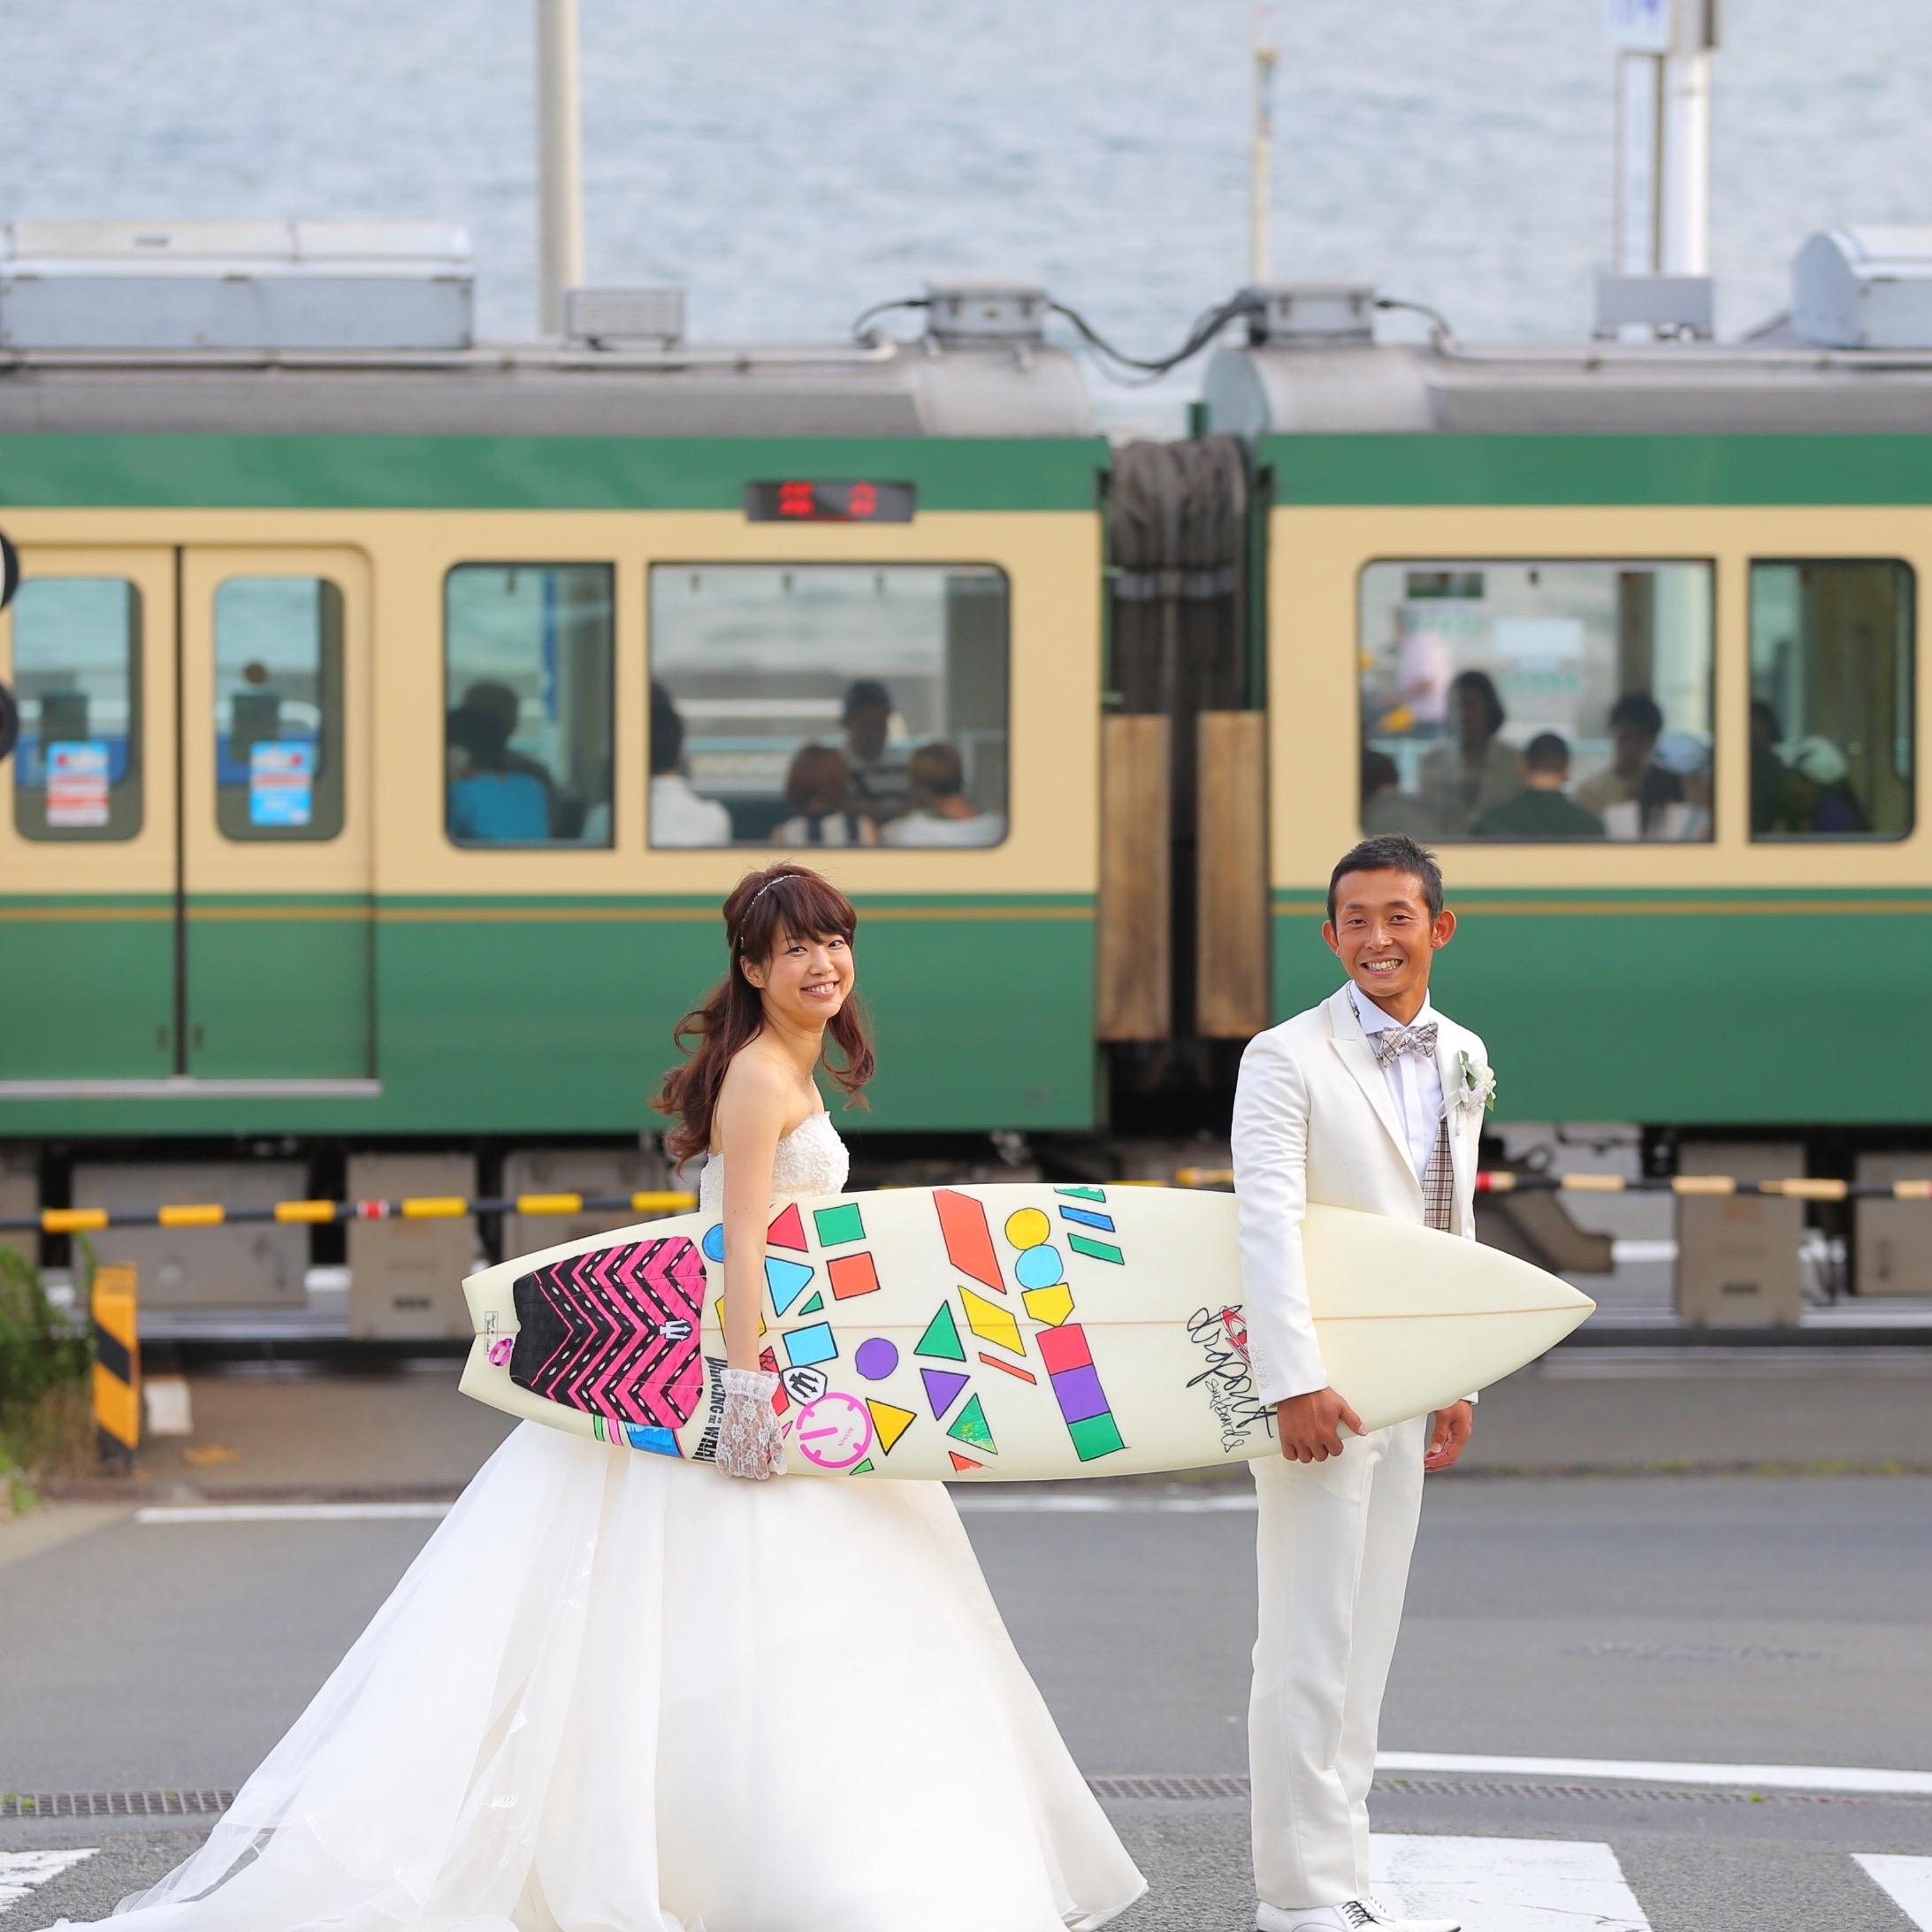 【鎌倉】海が見えるチャペル+会食プラン おすすめポイント